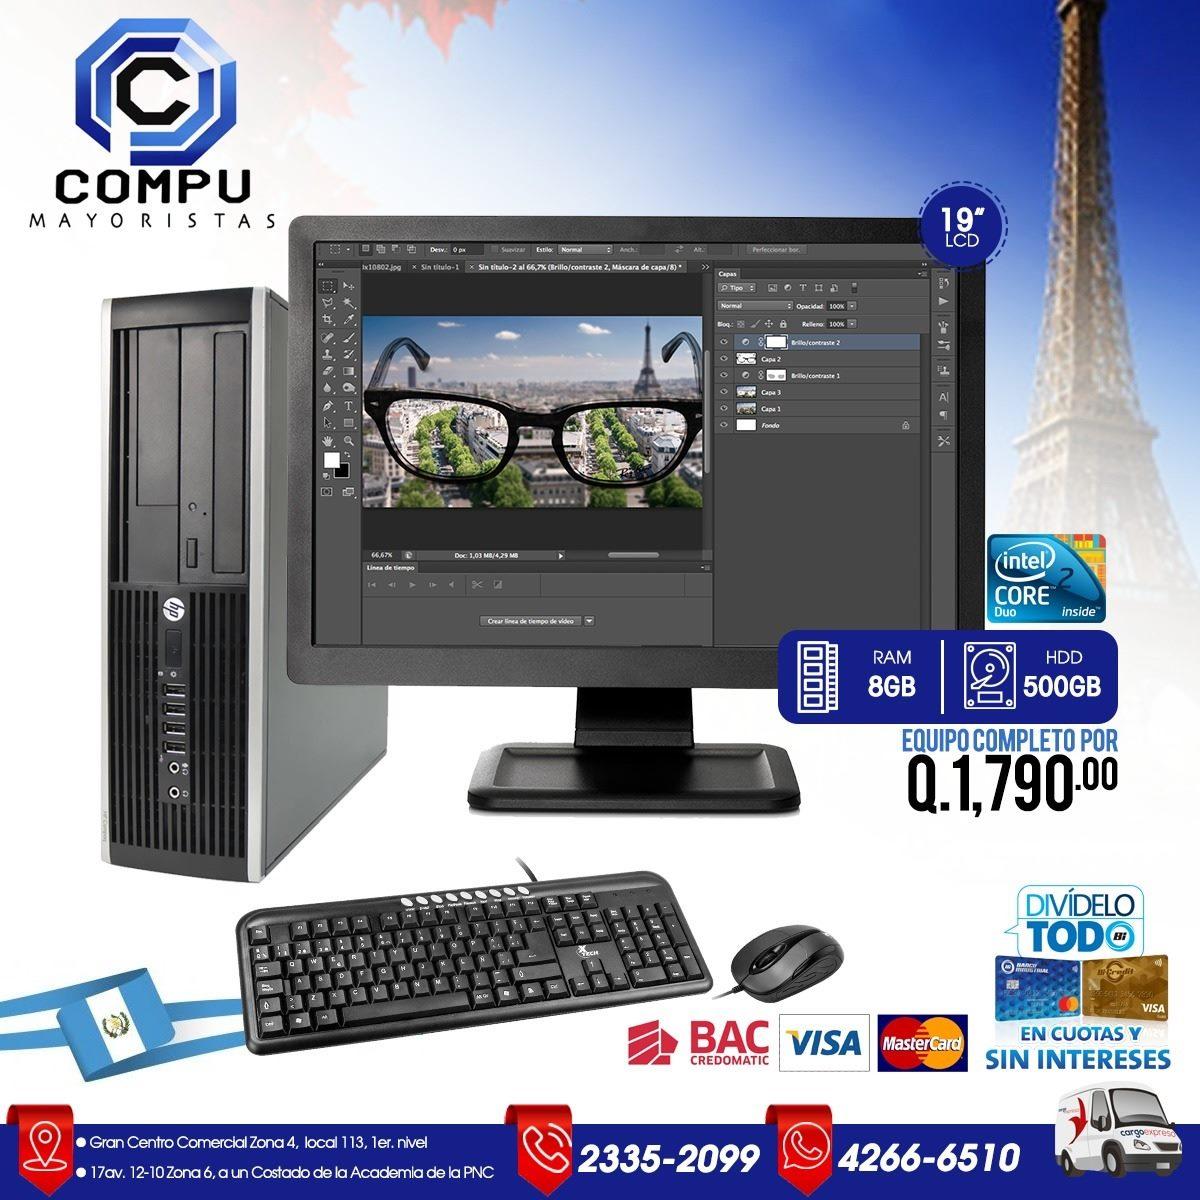 Computadoras completas Q. 1,790.00